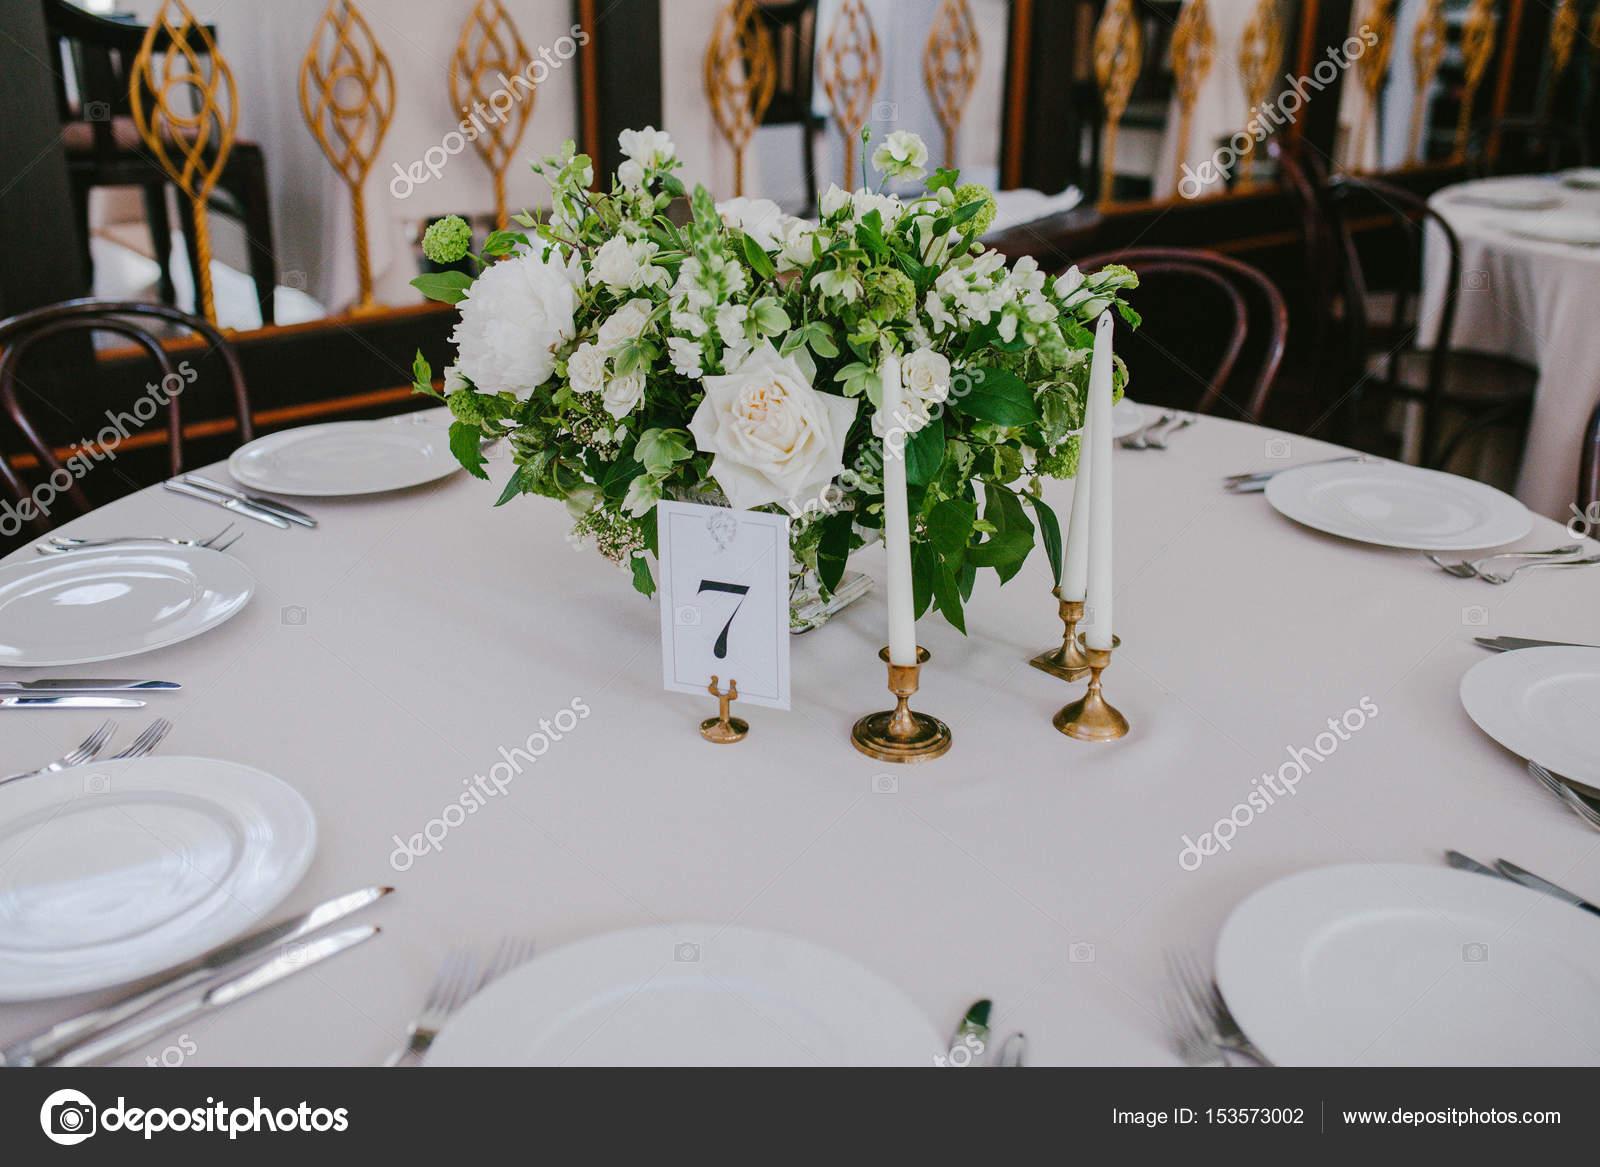 Hochzeit Tisch Mit Blumen Und Kerzen Stockfoto C Eto Pro Xii